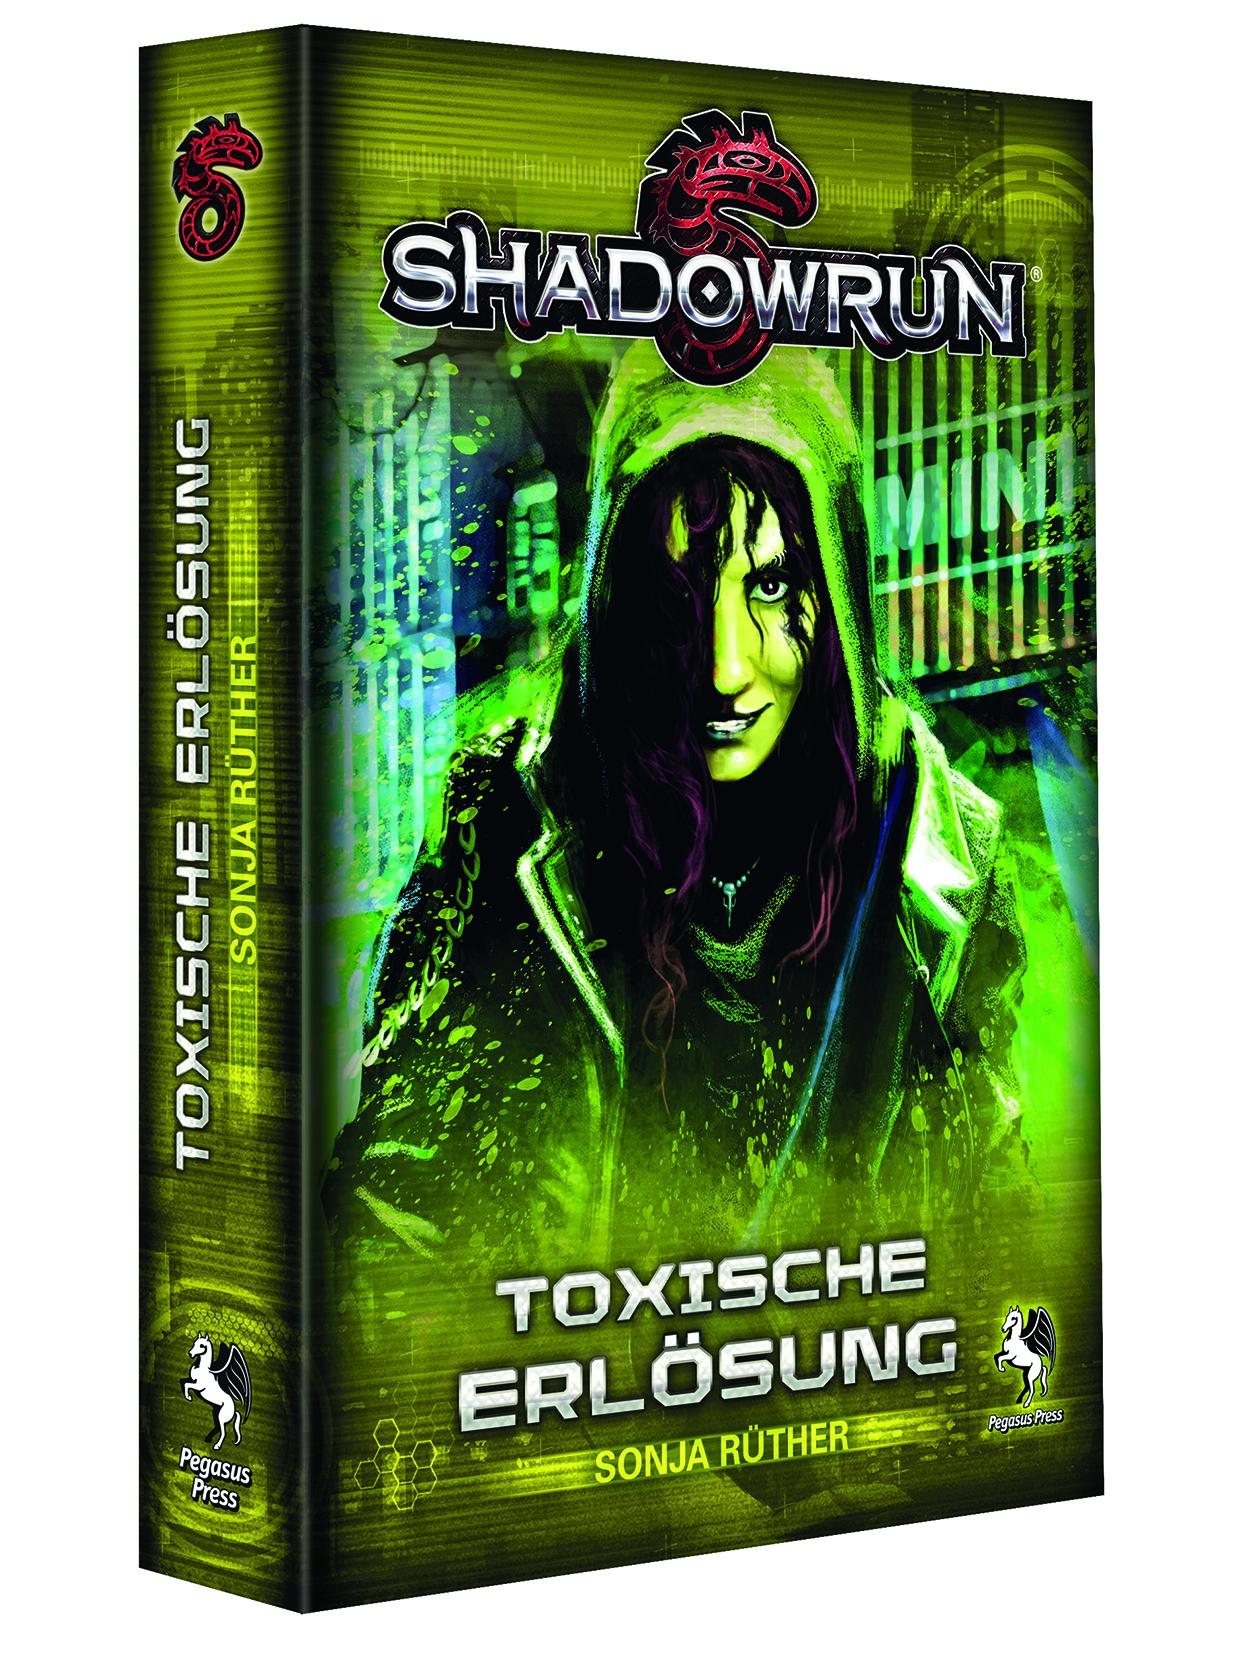 Toxische Erlösung (Shadowrun eBook)